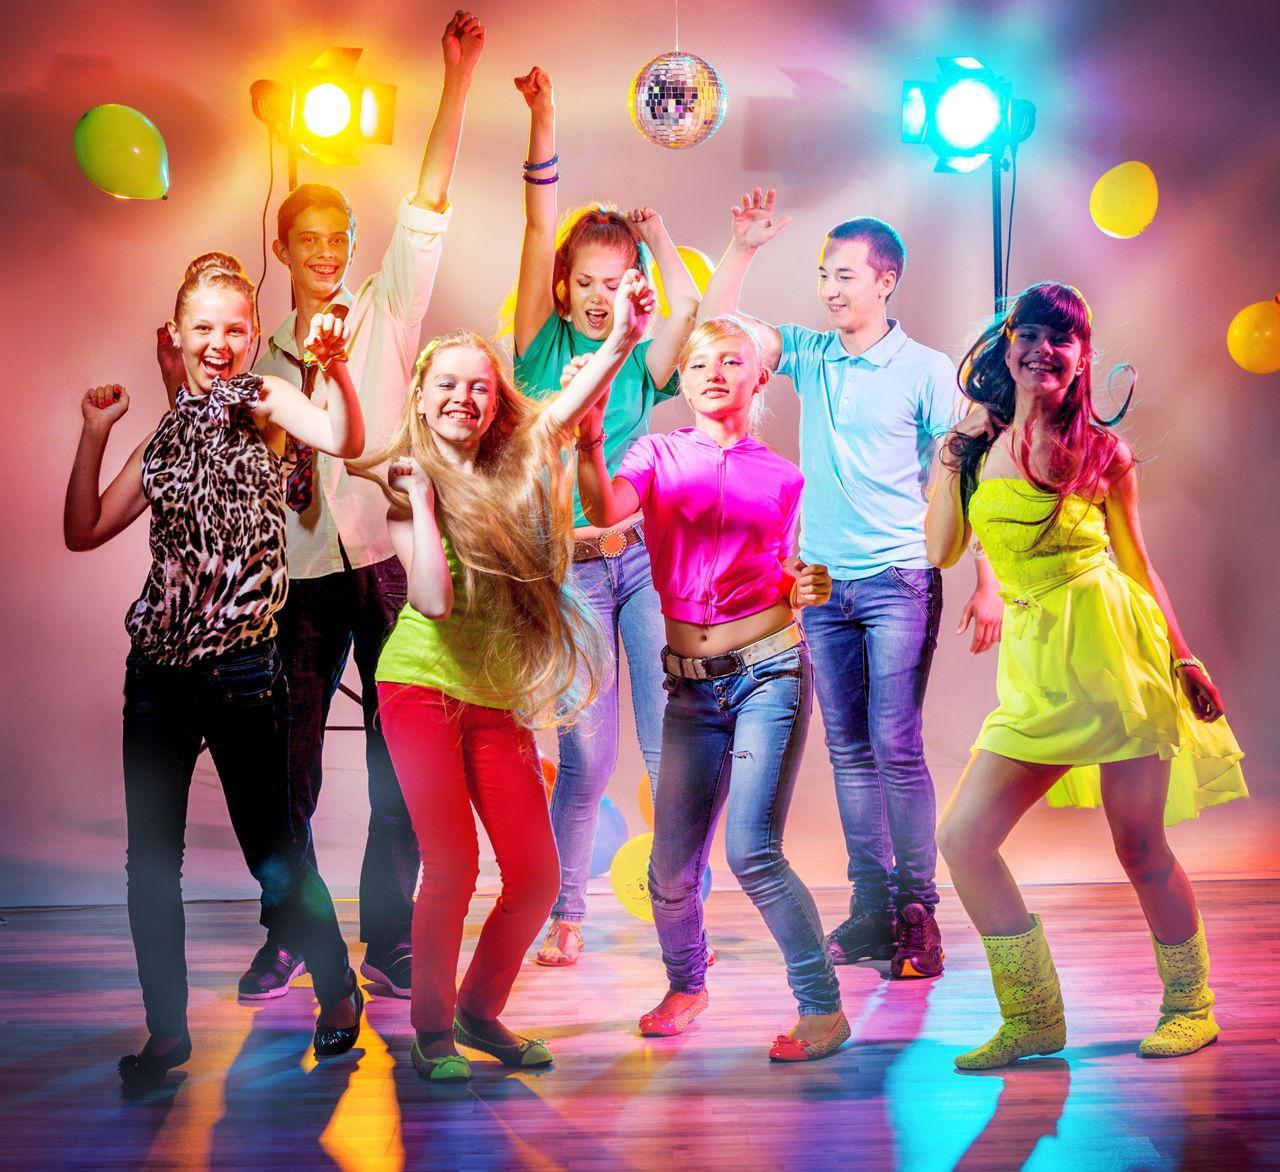 Сценарий поздравления на дискотеки